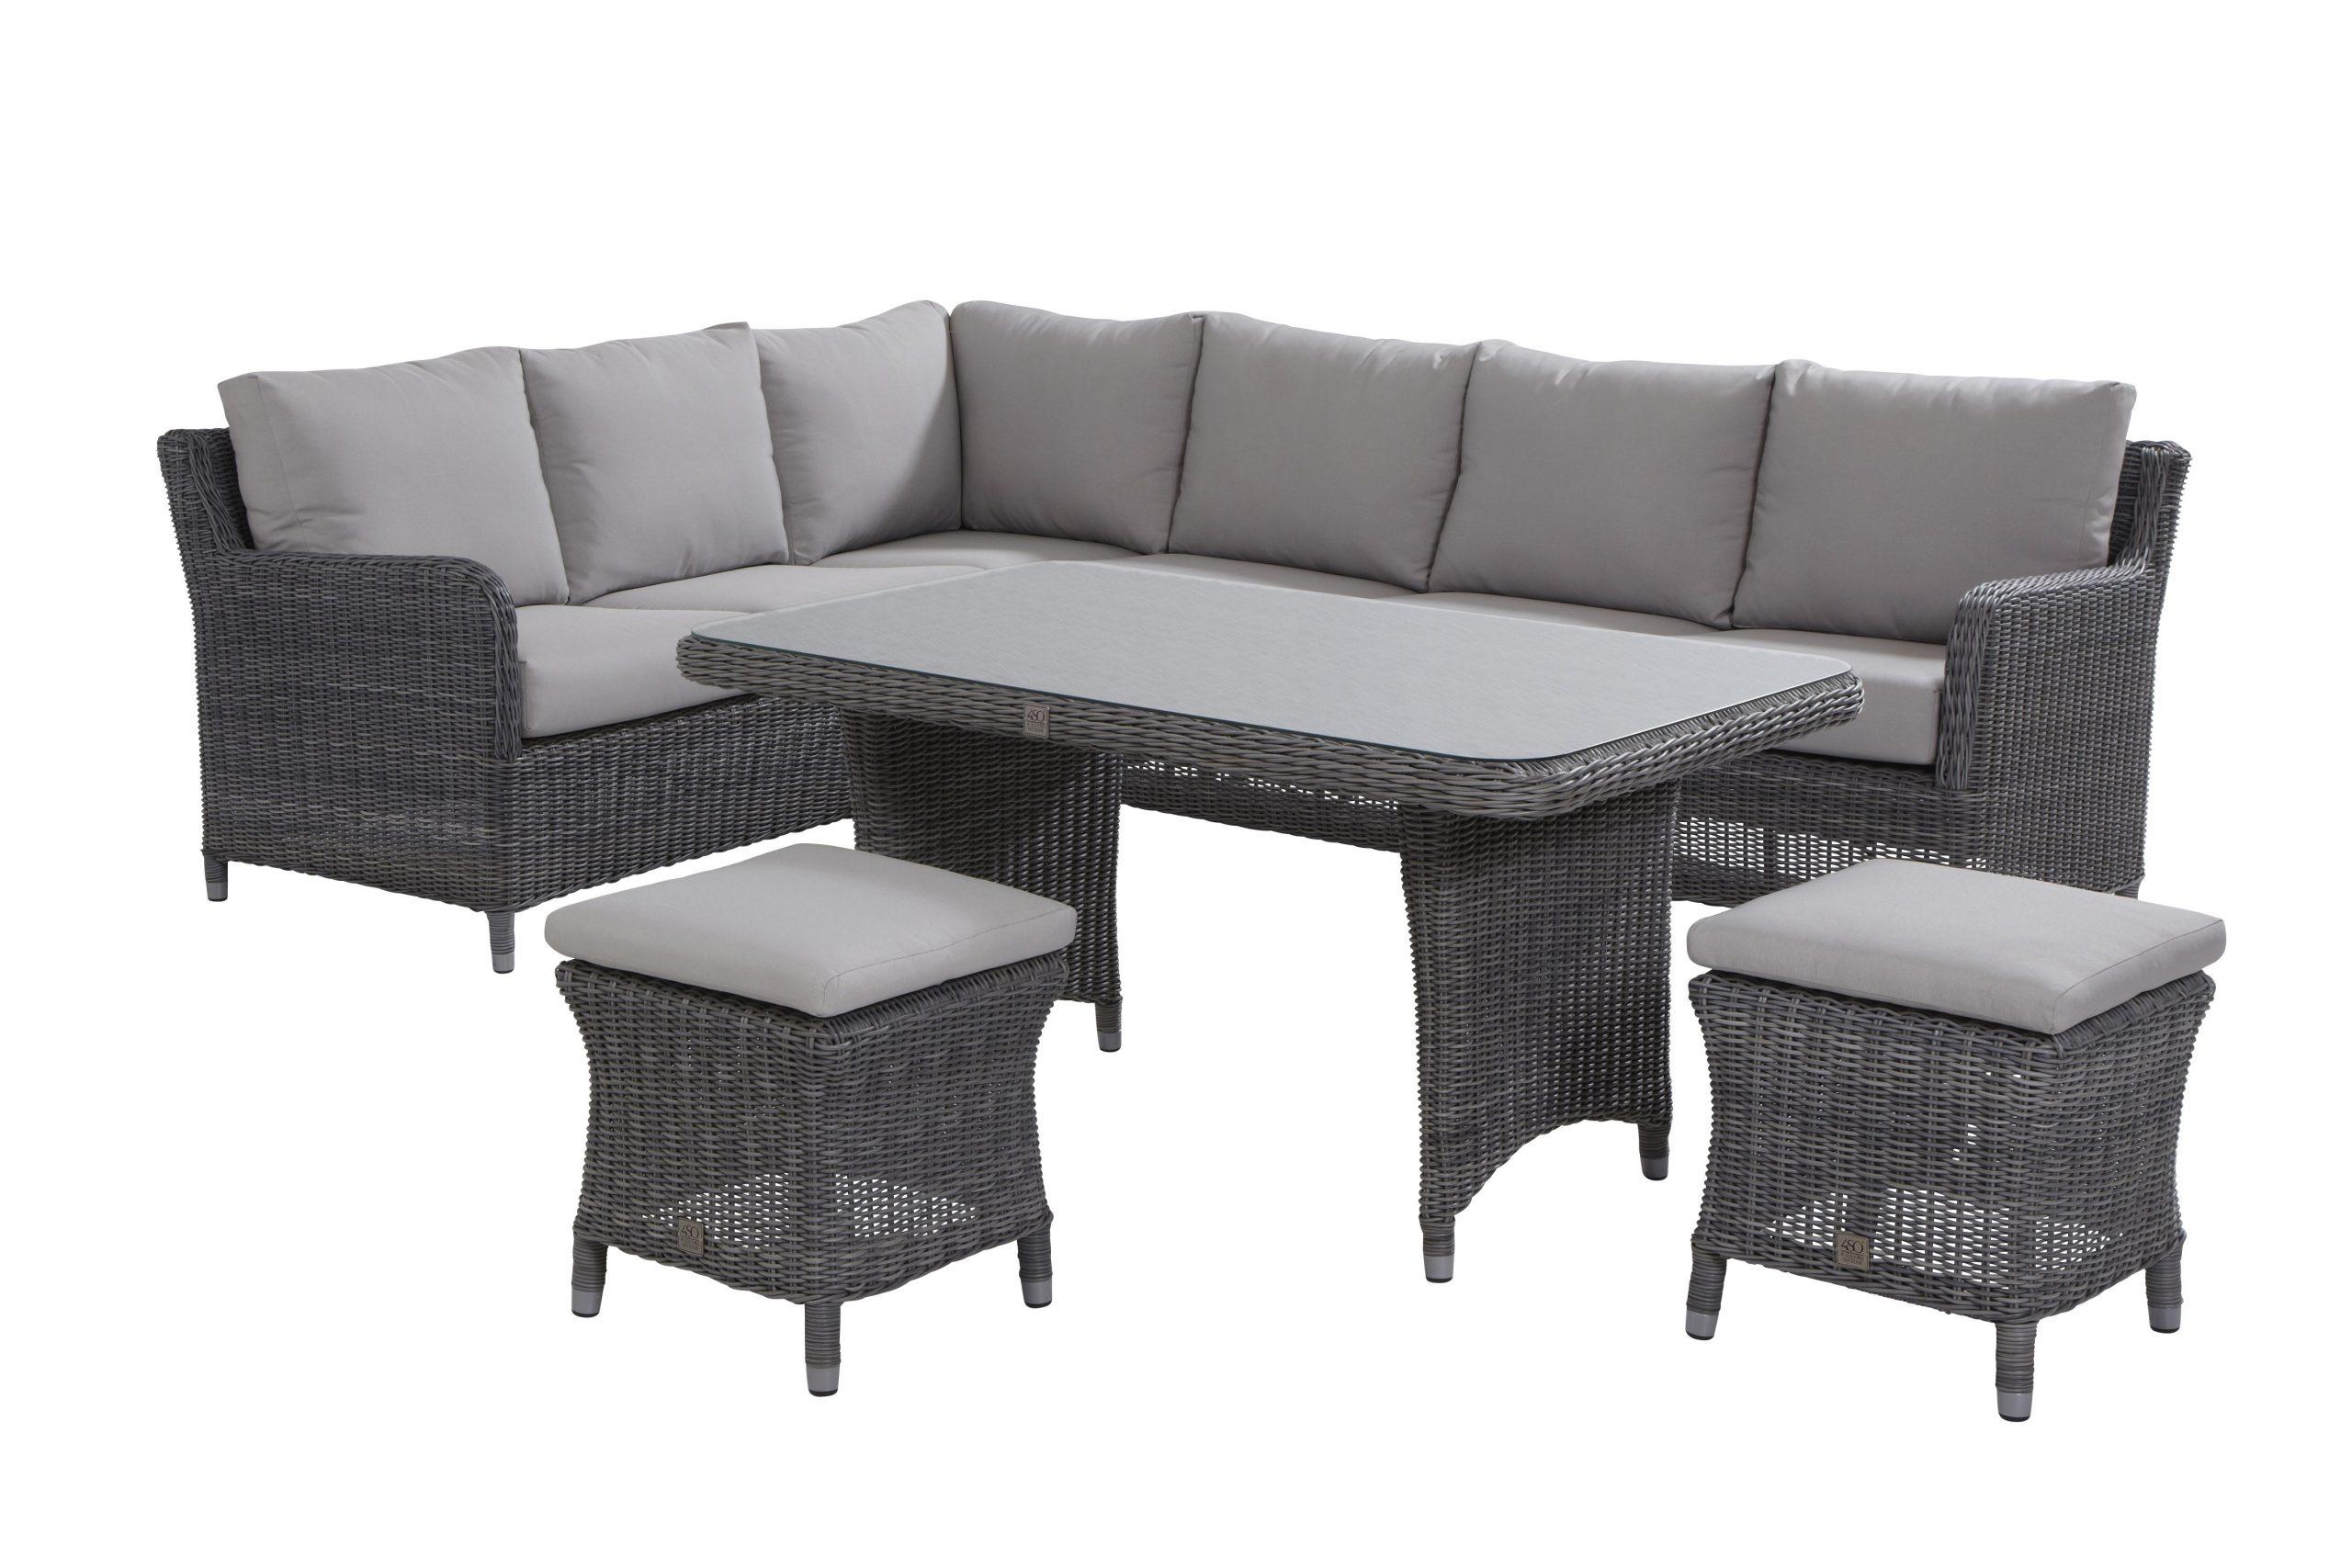 Magnifique Salon De Jardin Avec Table Haute | Décoration ... dedans Salon De Jardin Table Haute